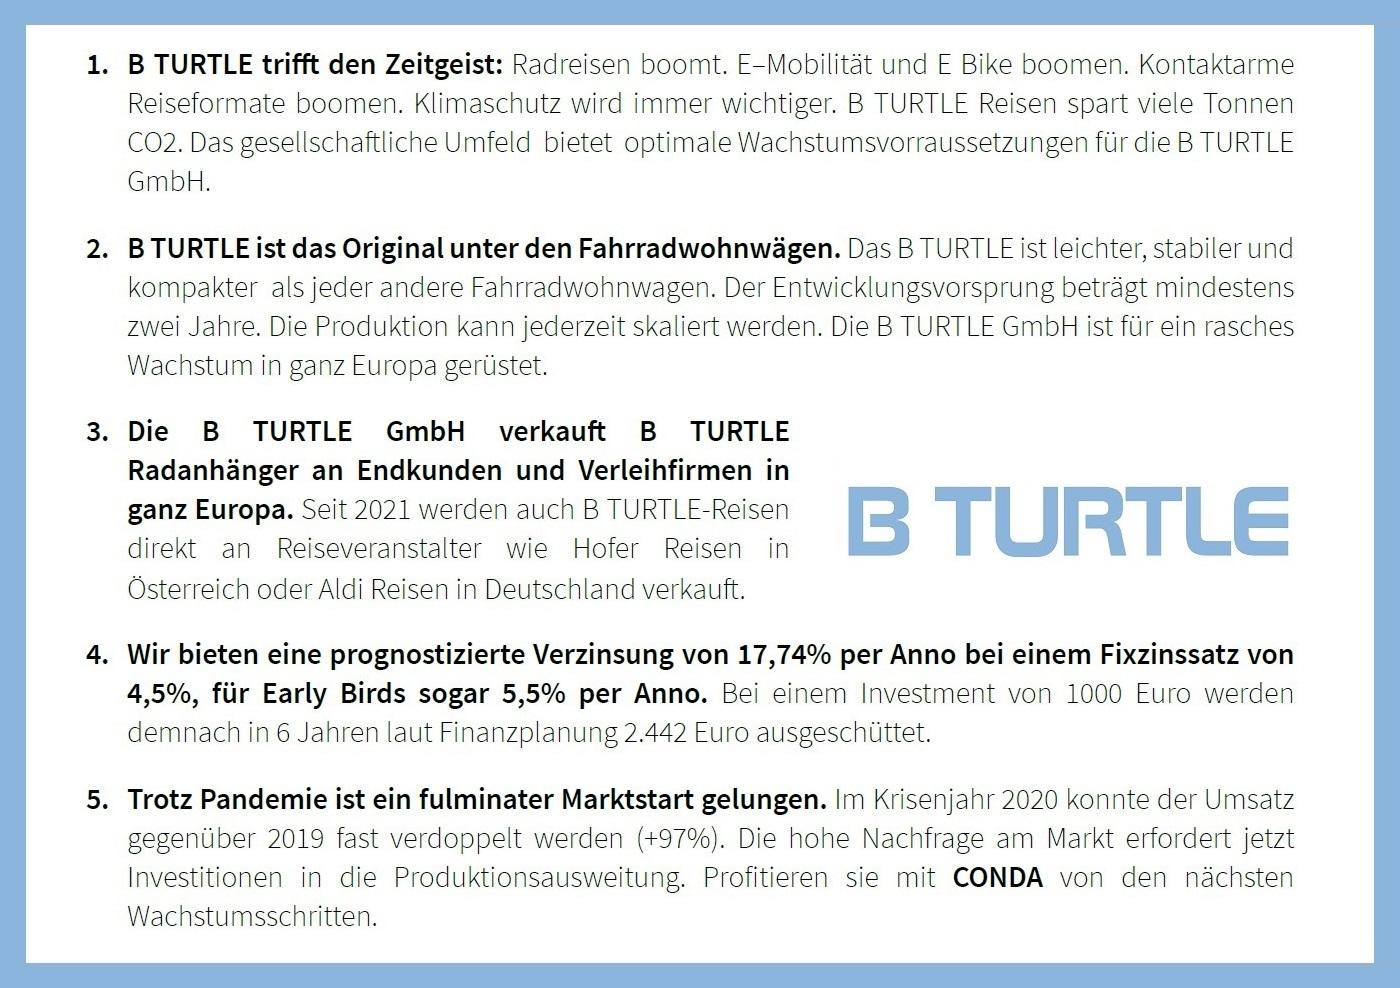 b-turtle-5-gruende